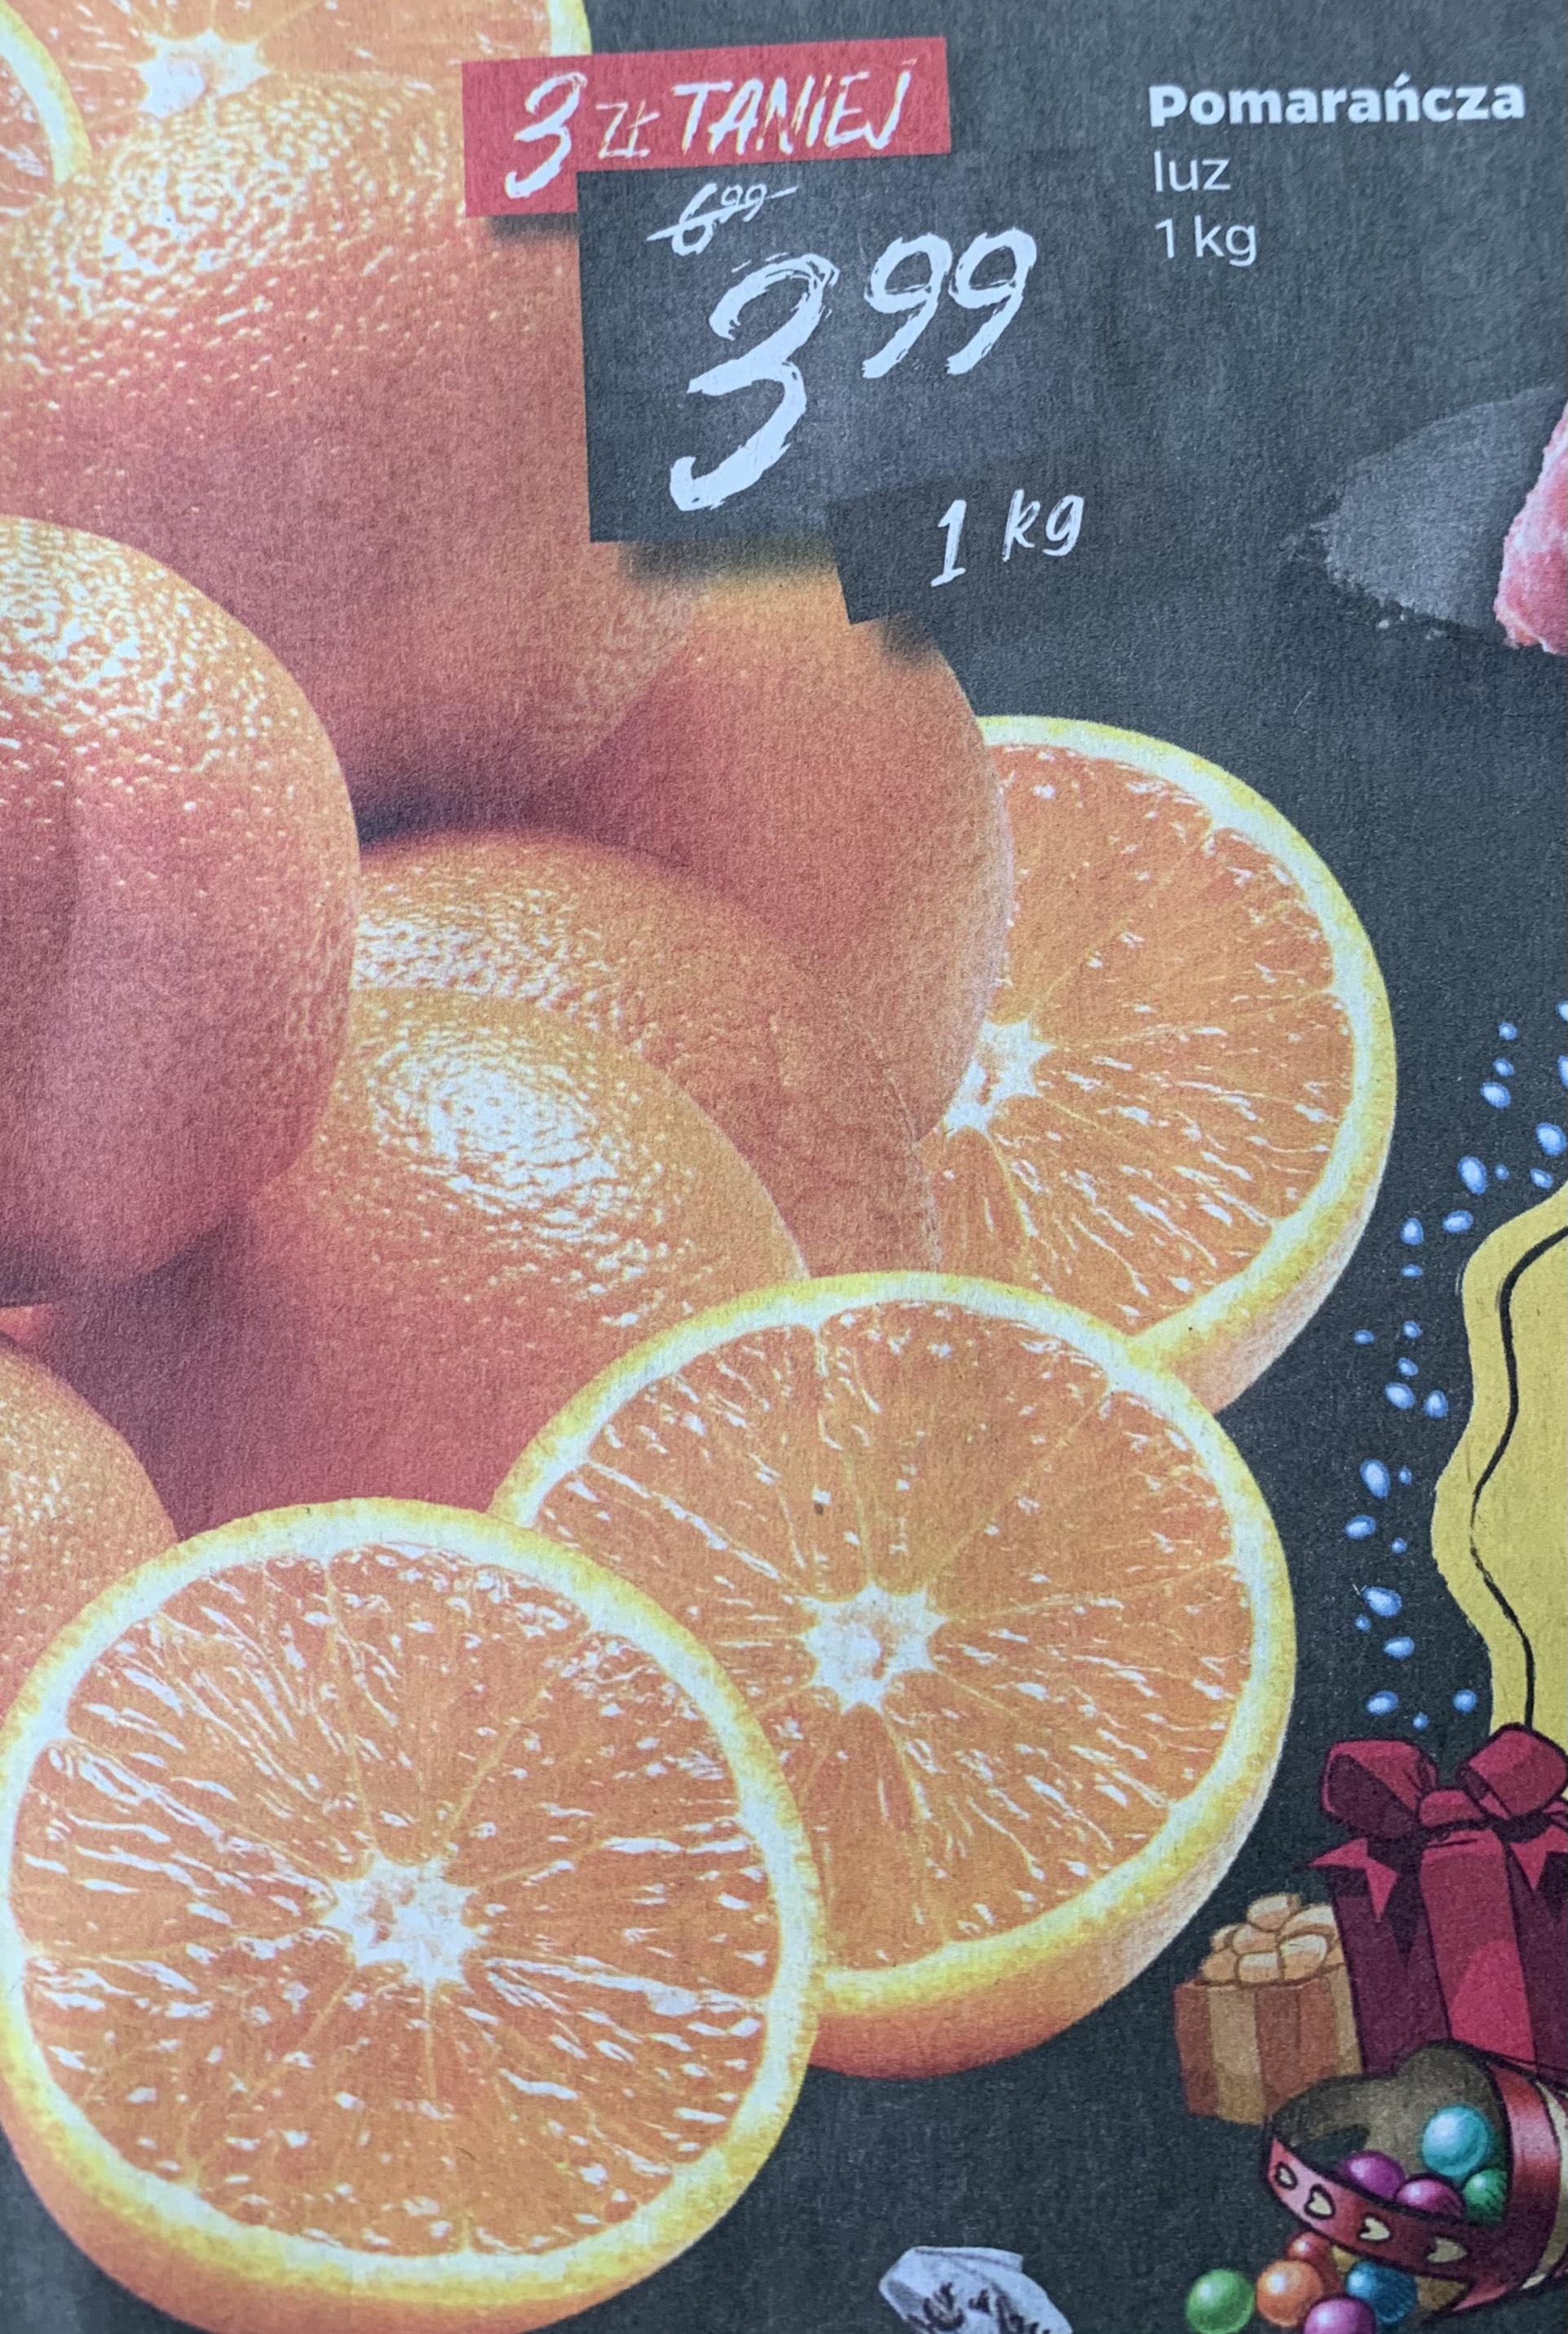 Pomarańcza 3,99zł/kg @Netto